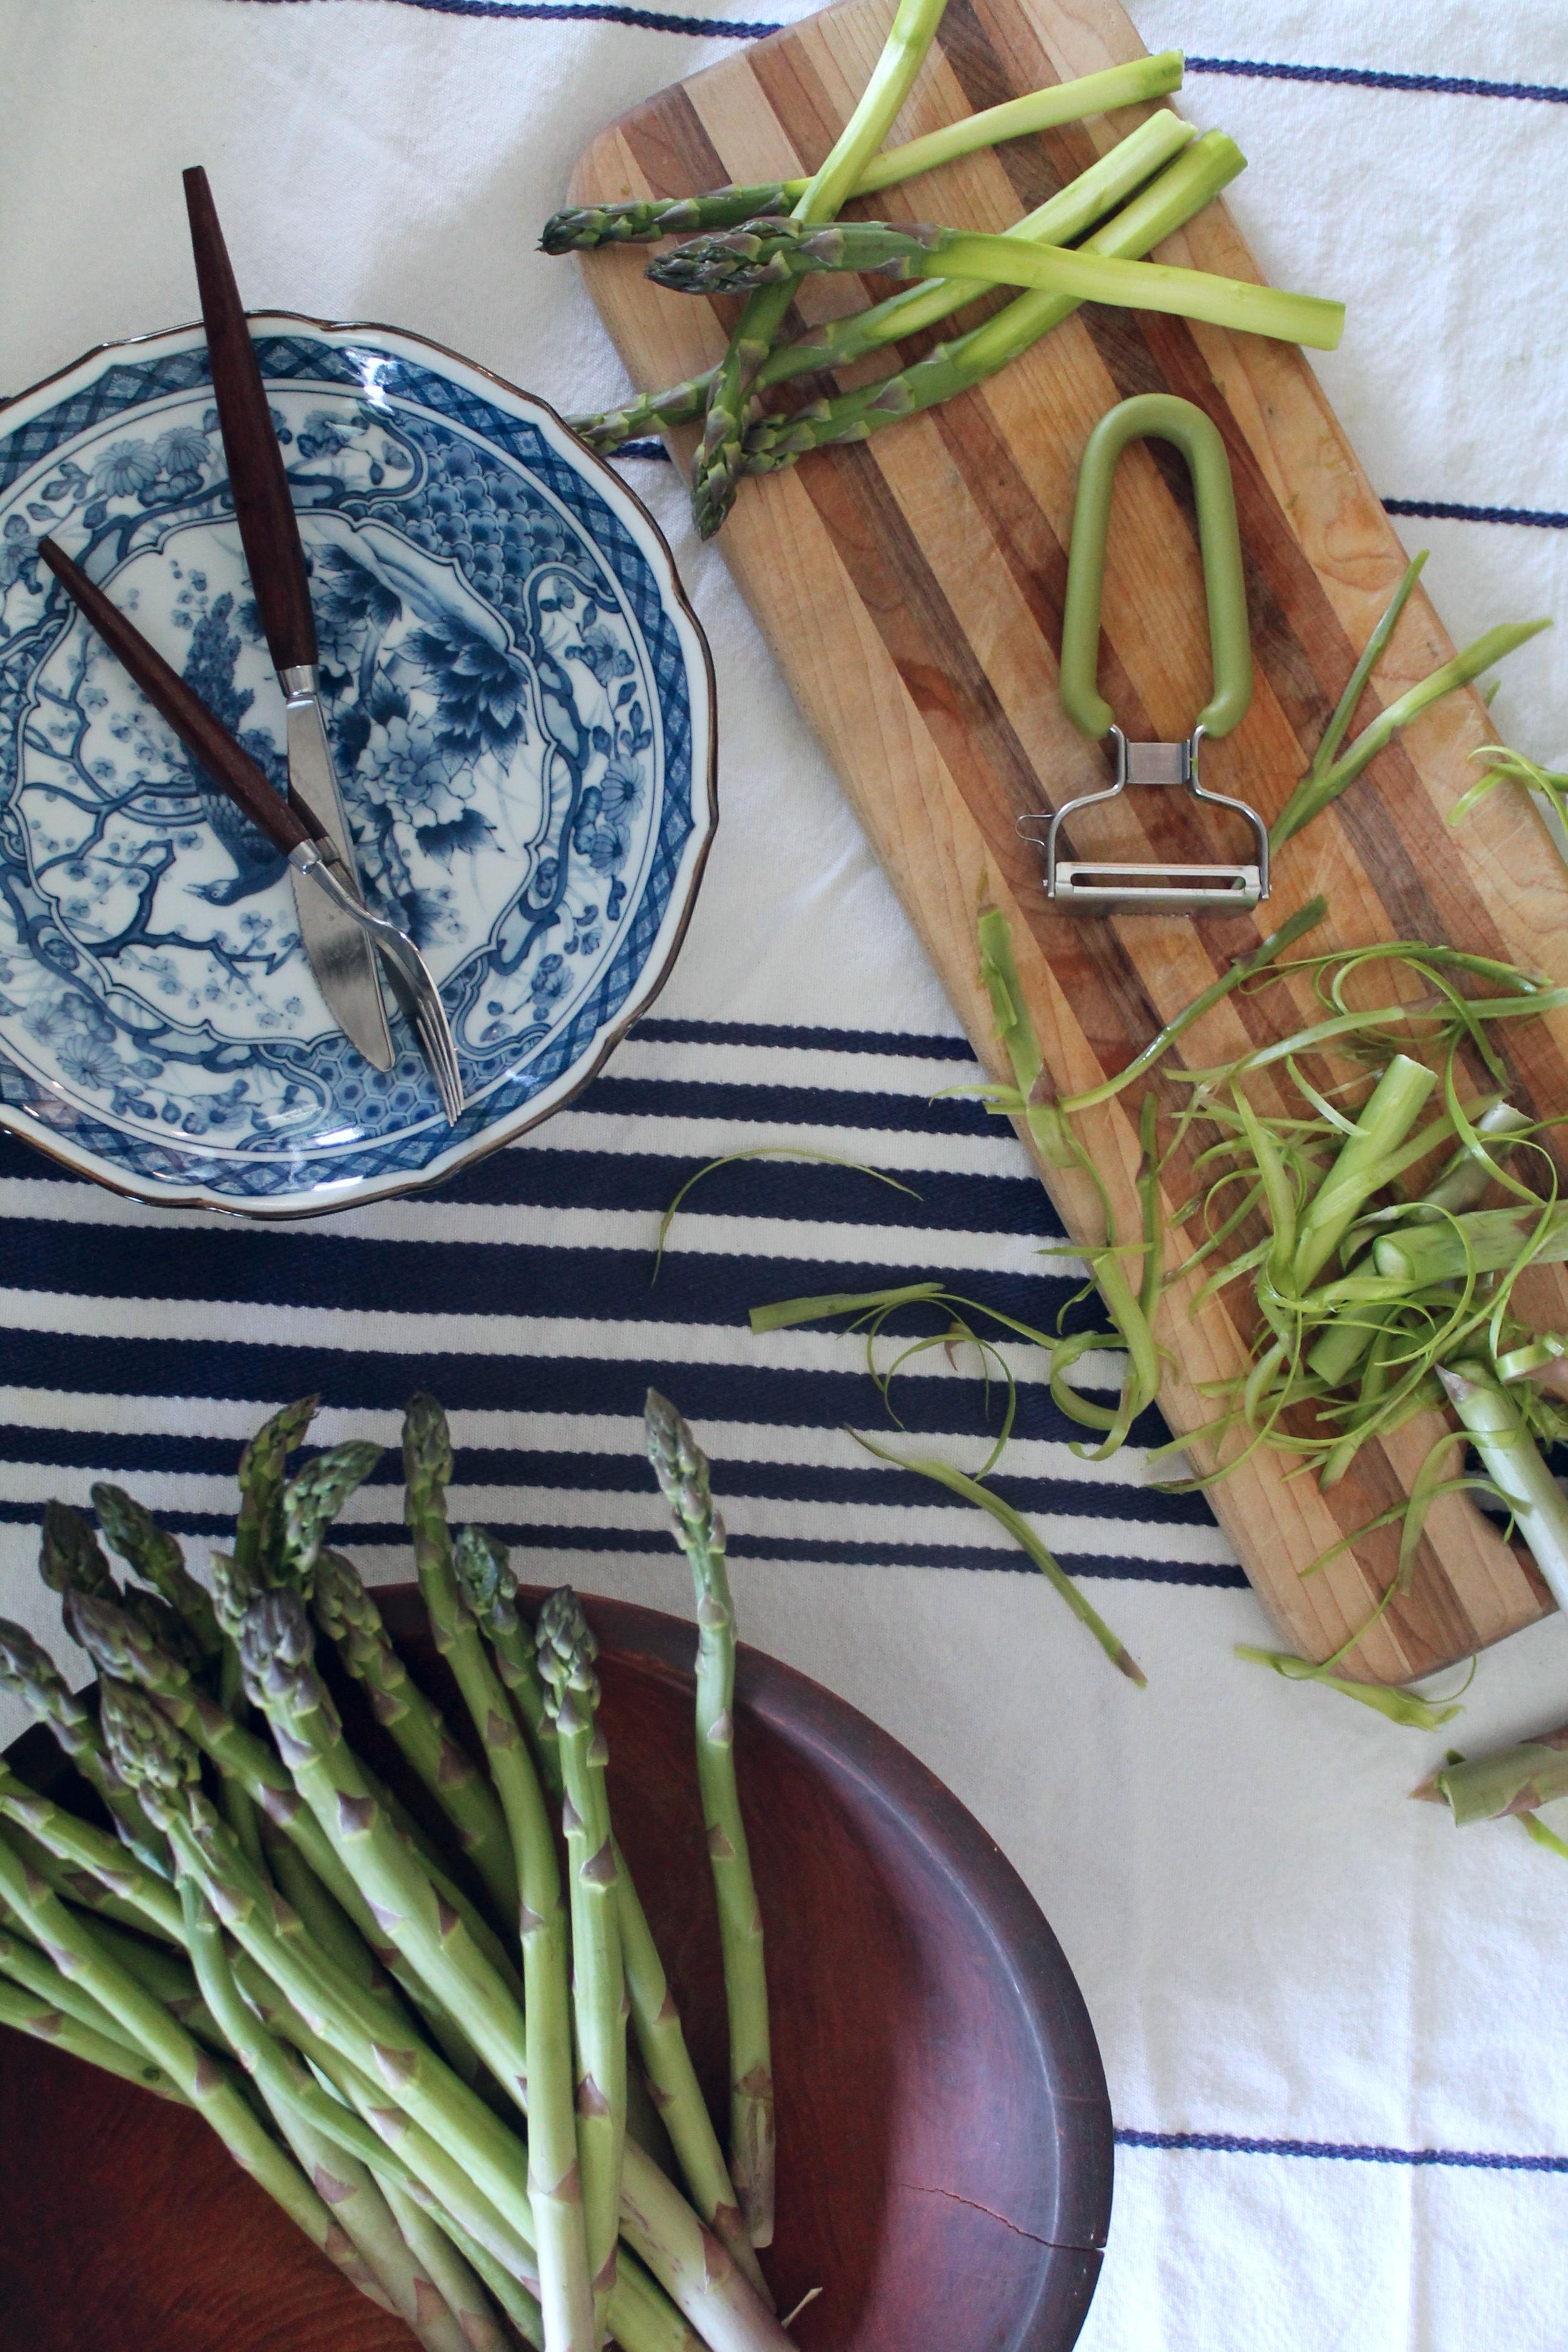 Asparagus Salad Prep | www.hungryinlove.com